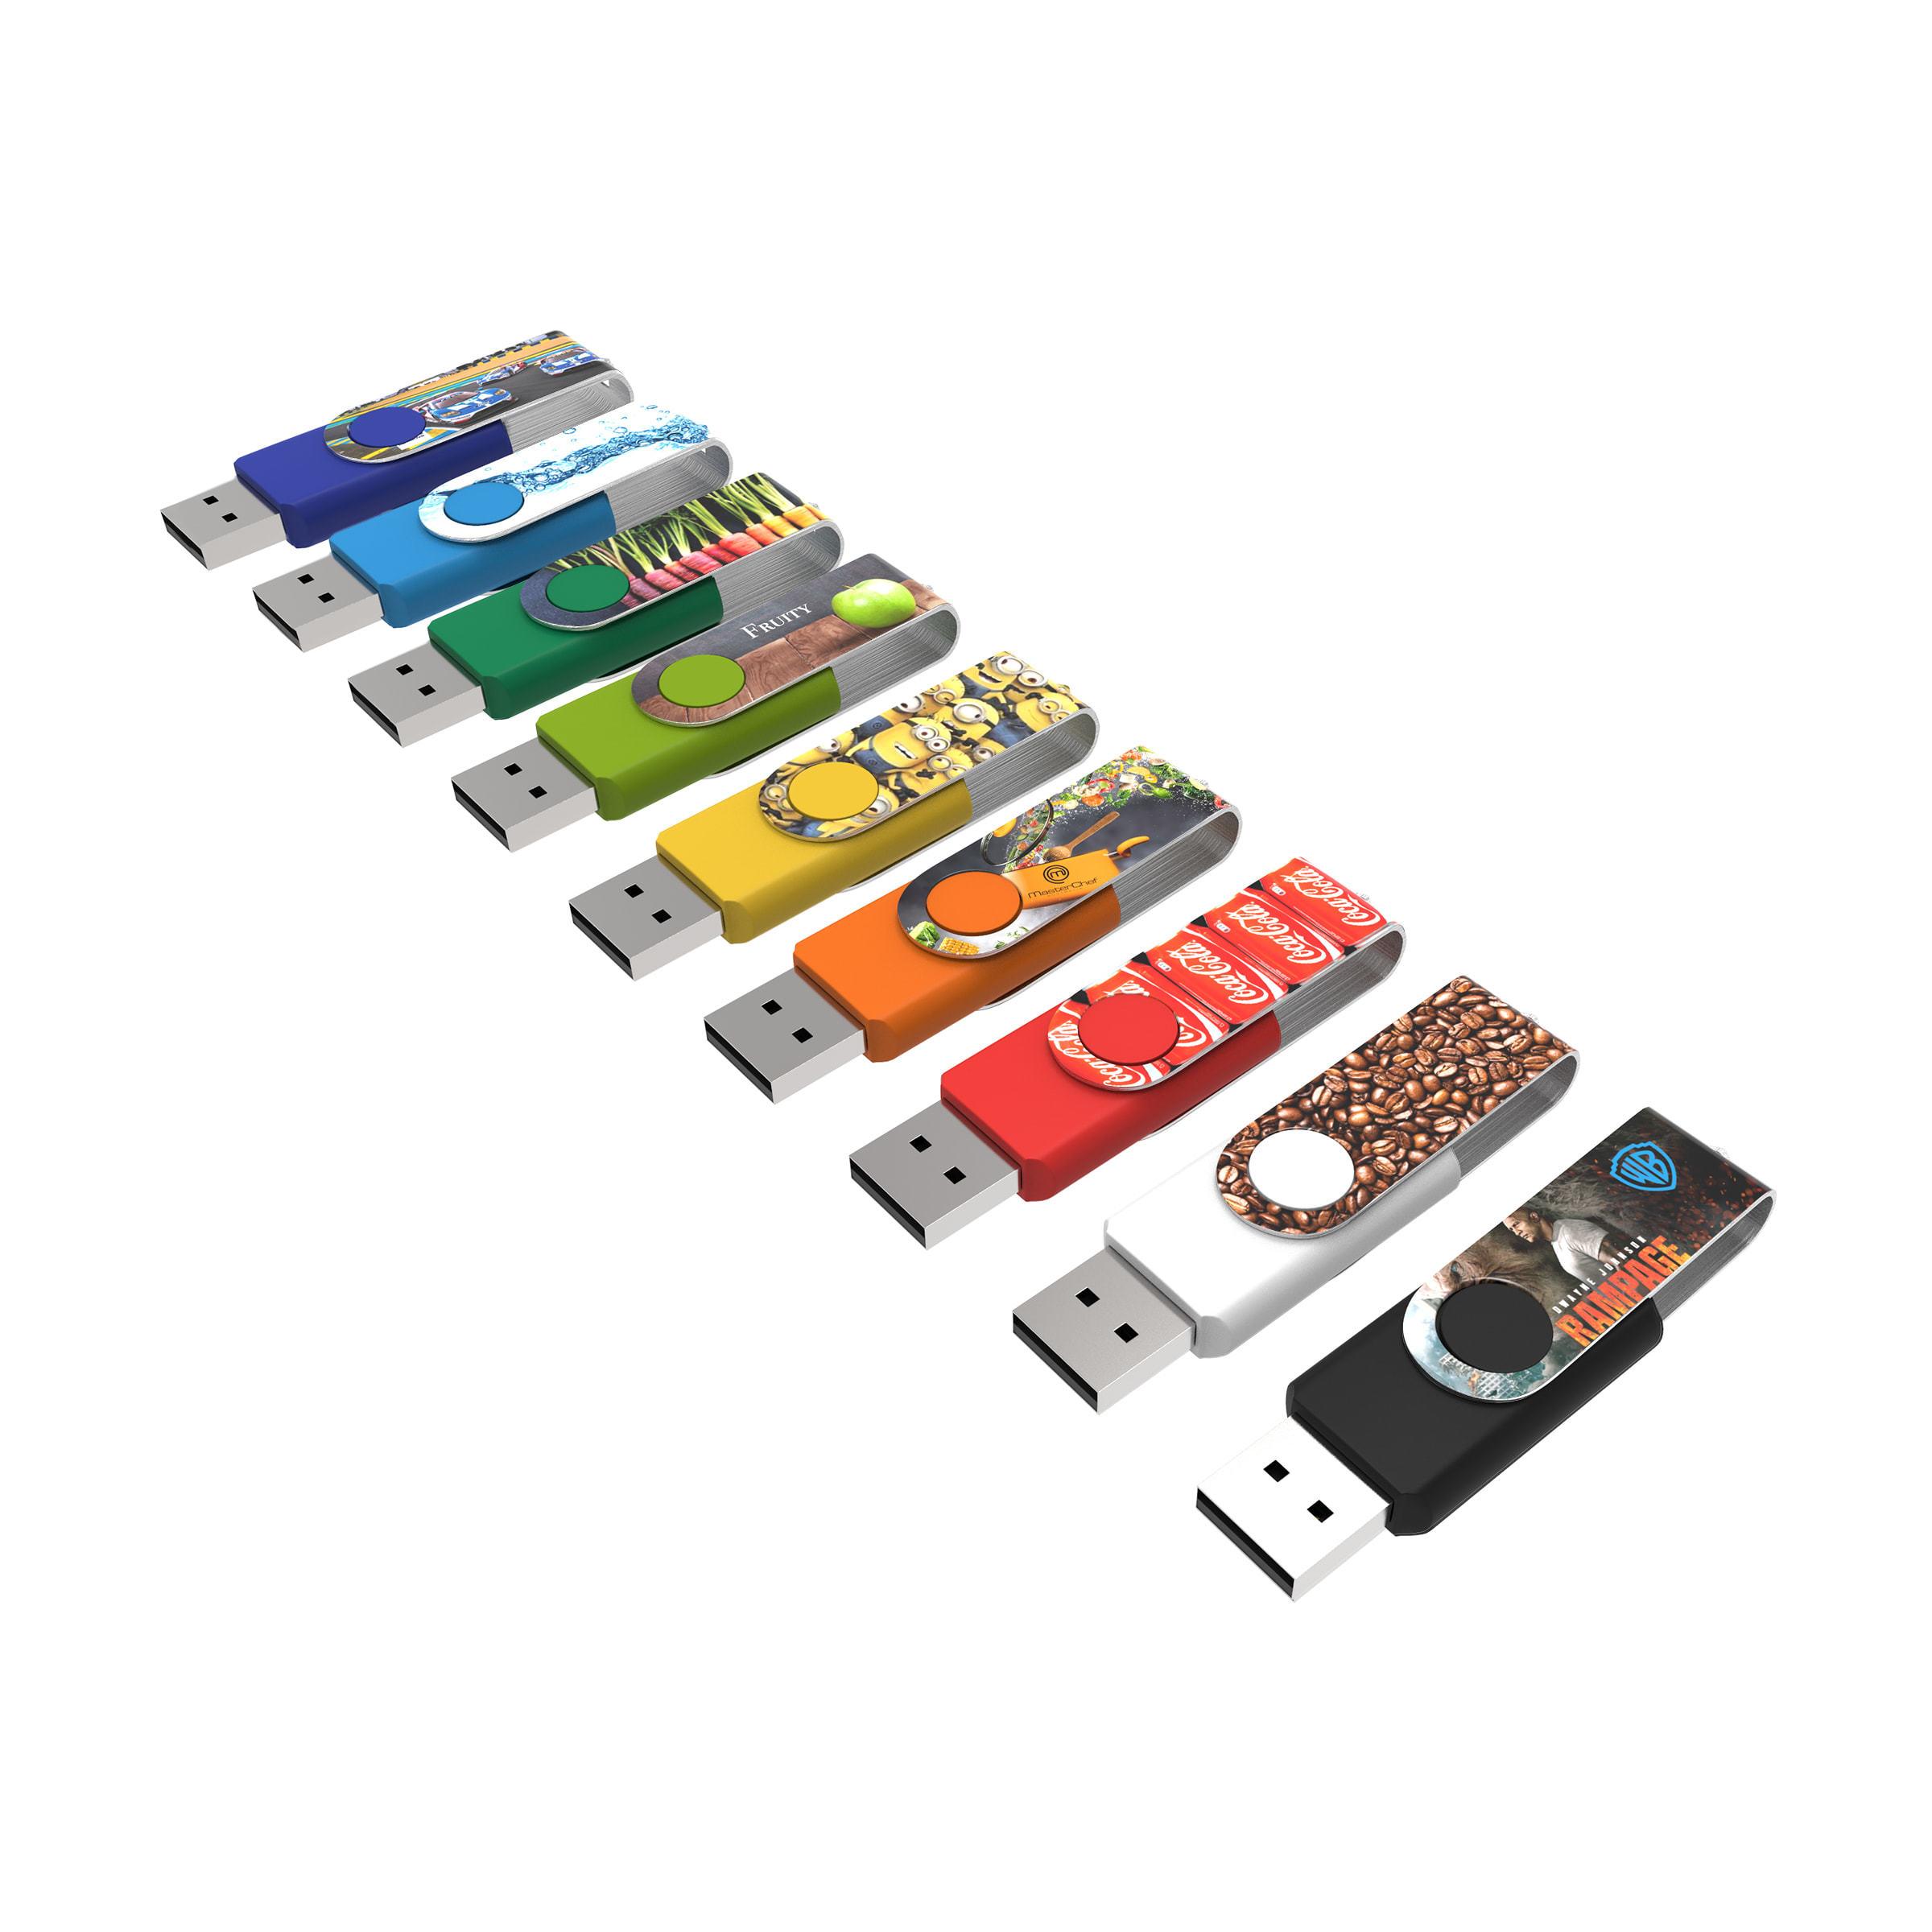 Clé USB Twister avec marquage intégral - 21-1073-18